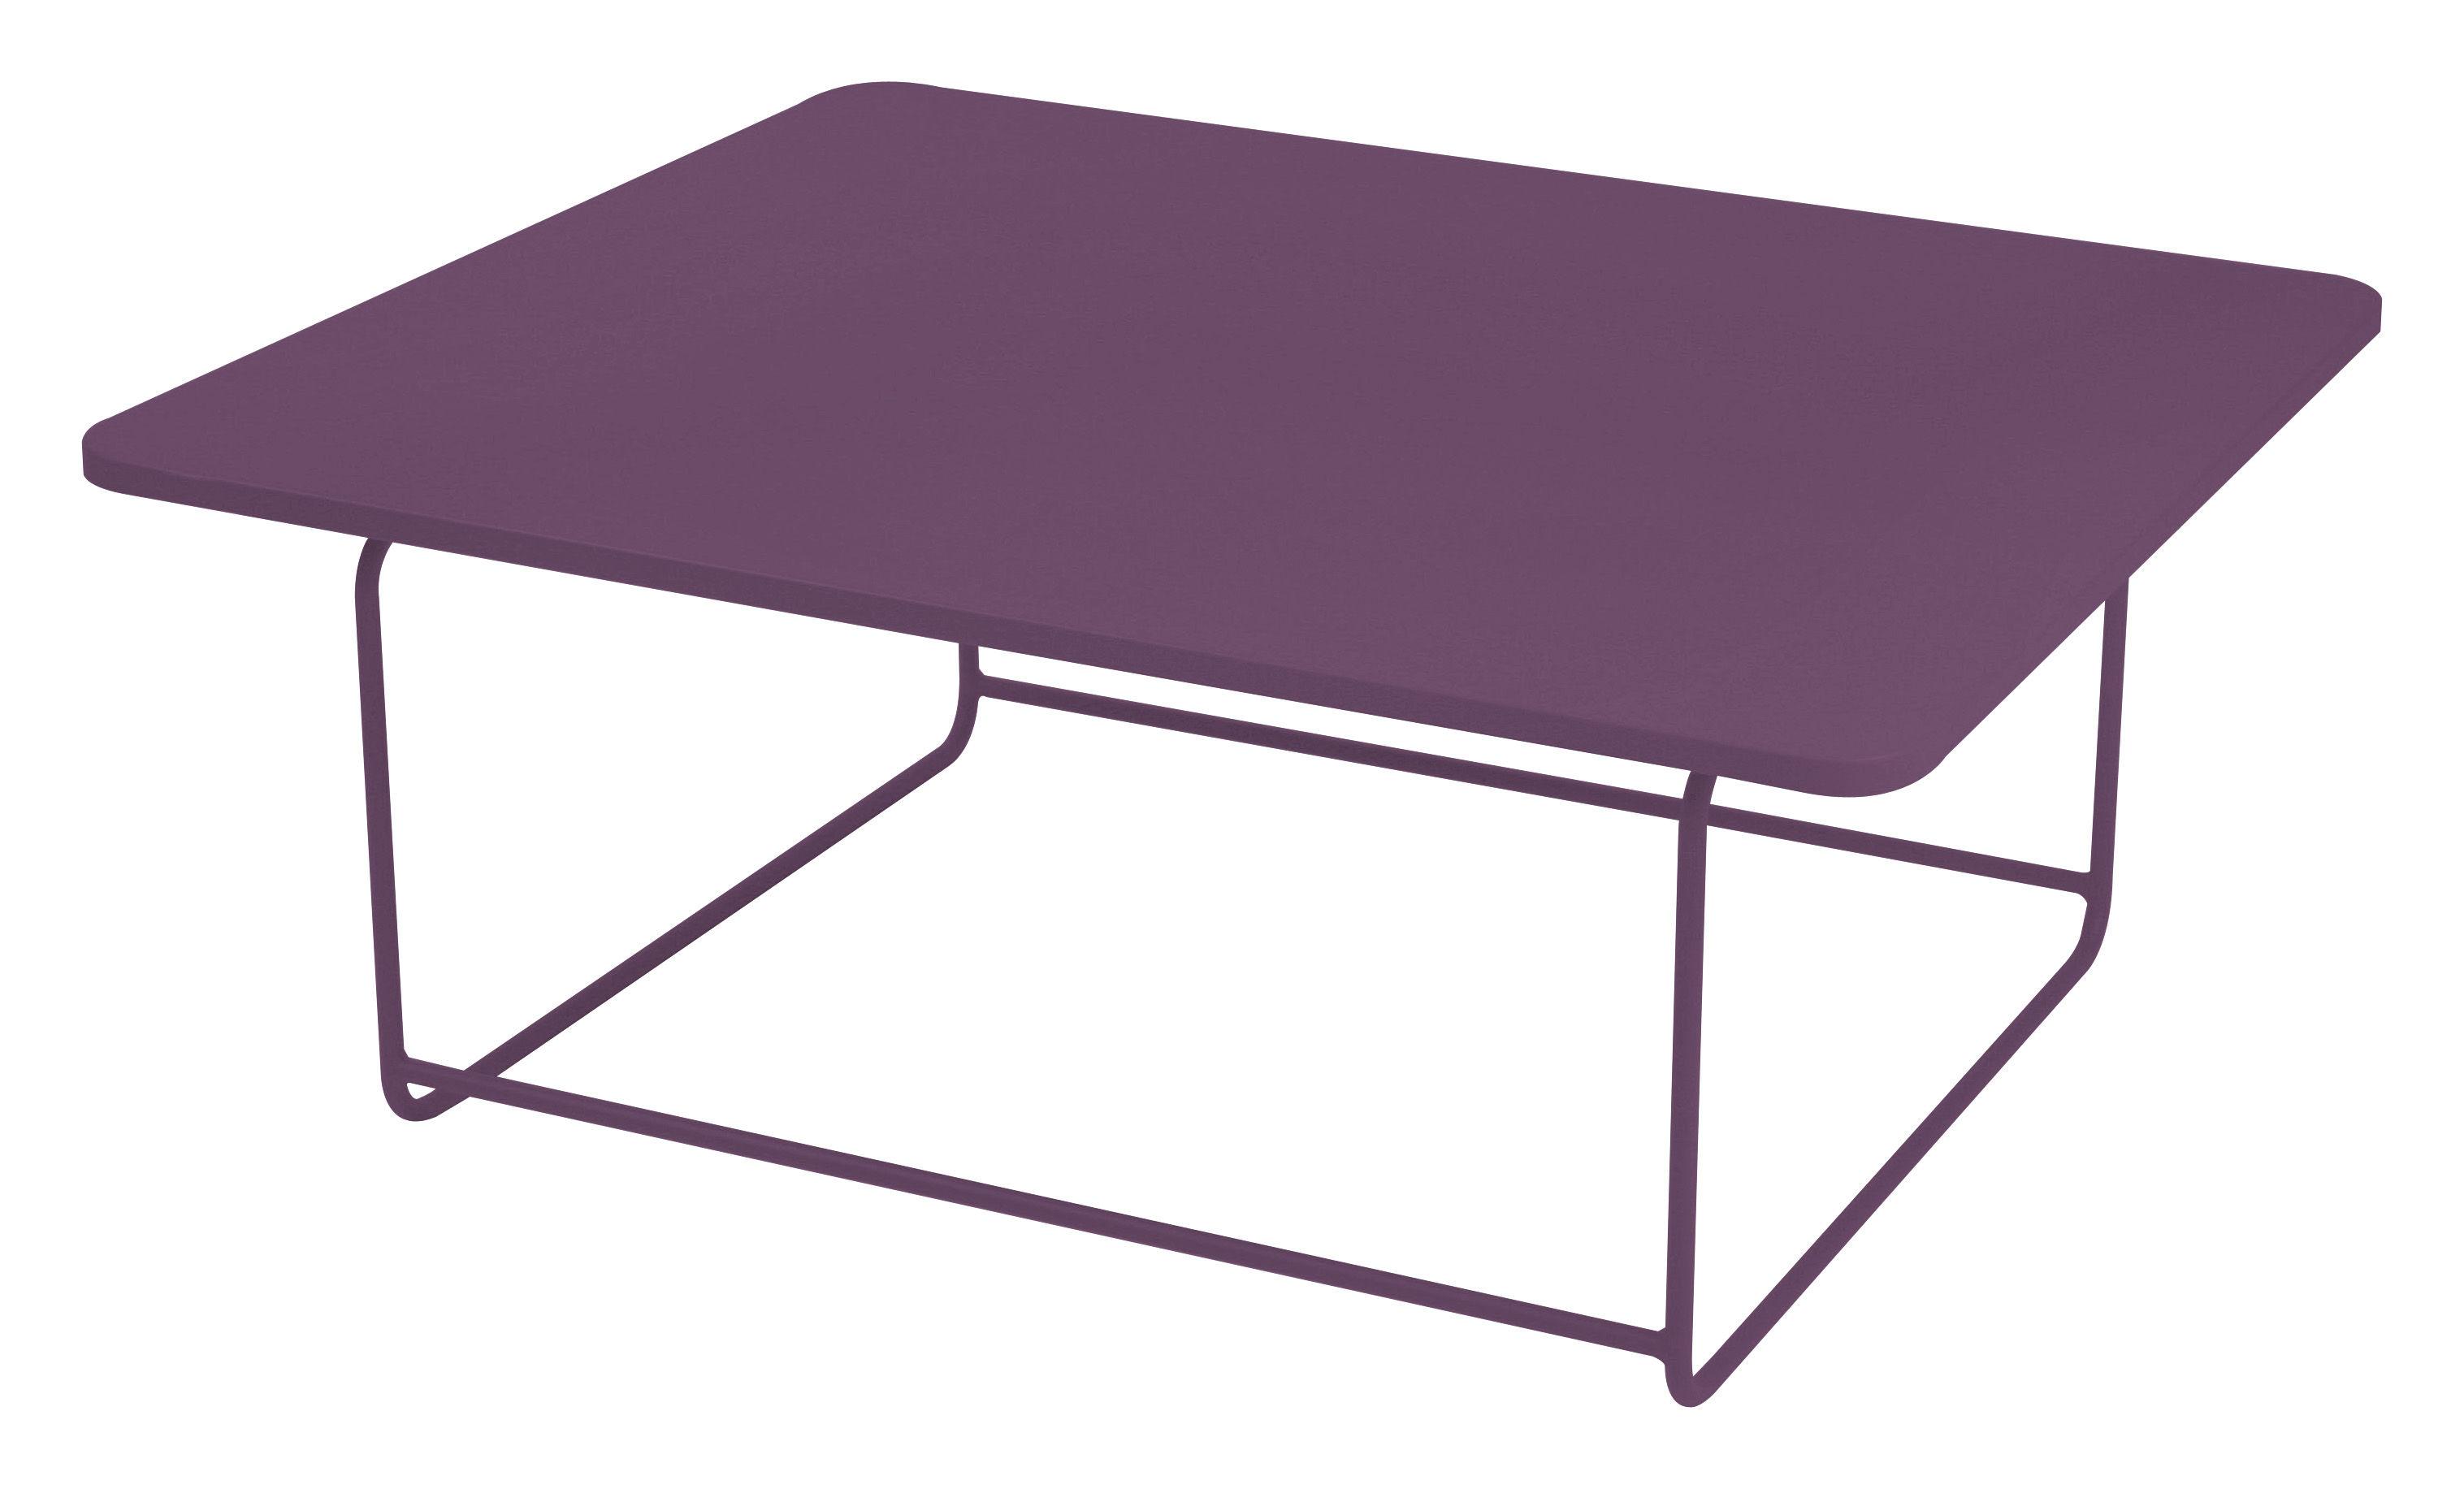 Mobilier - Tables basses - Table basse Ellipse - Fermob - Aubergine - Acier laqué